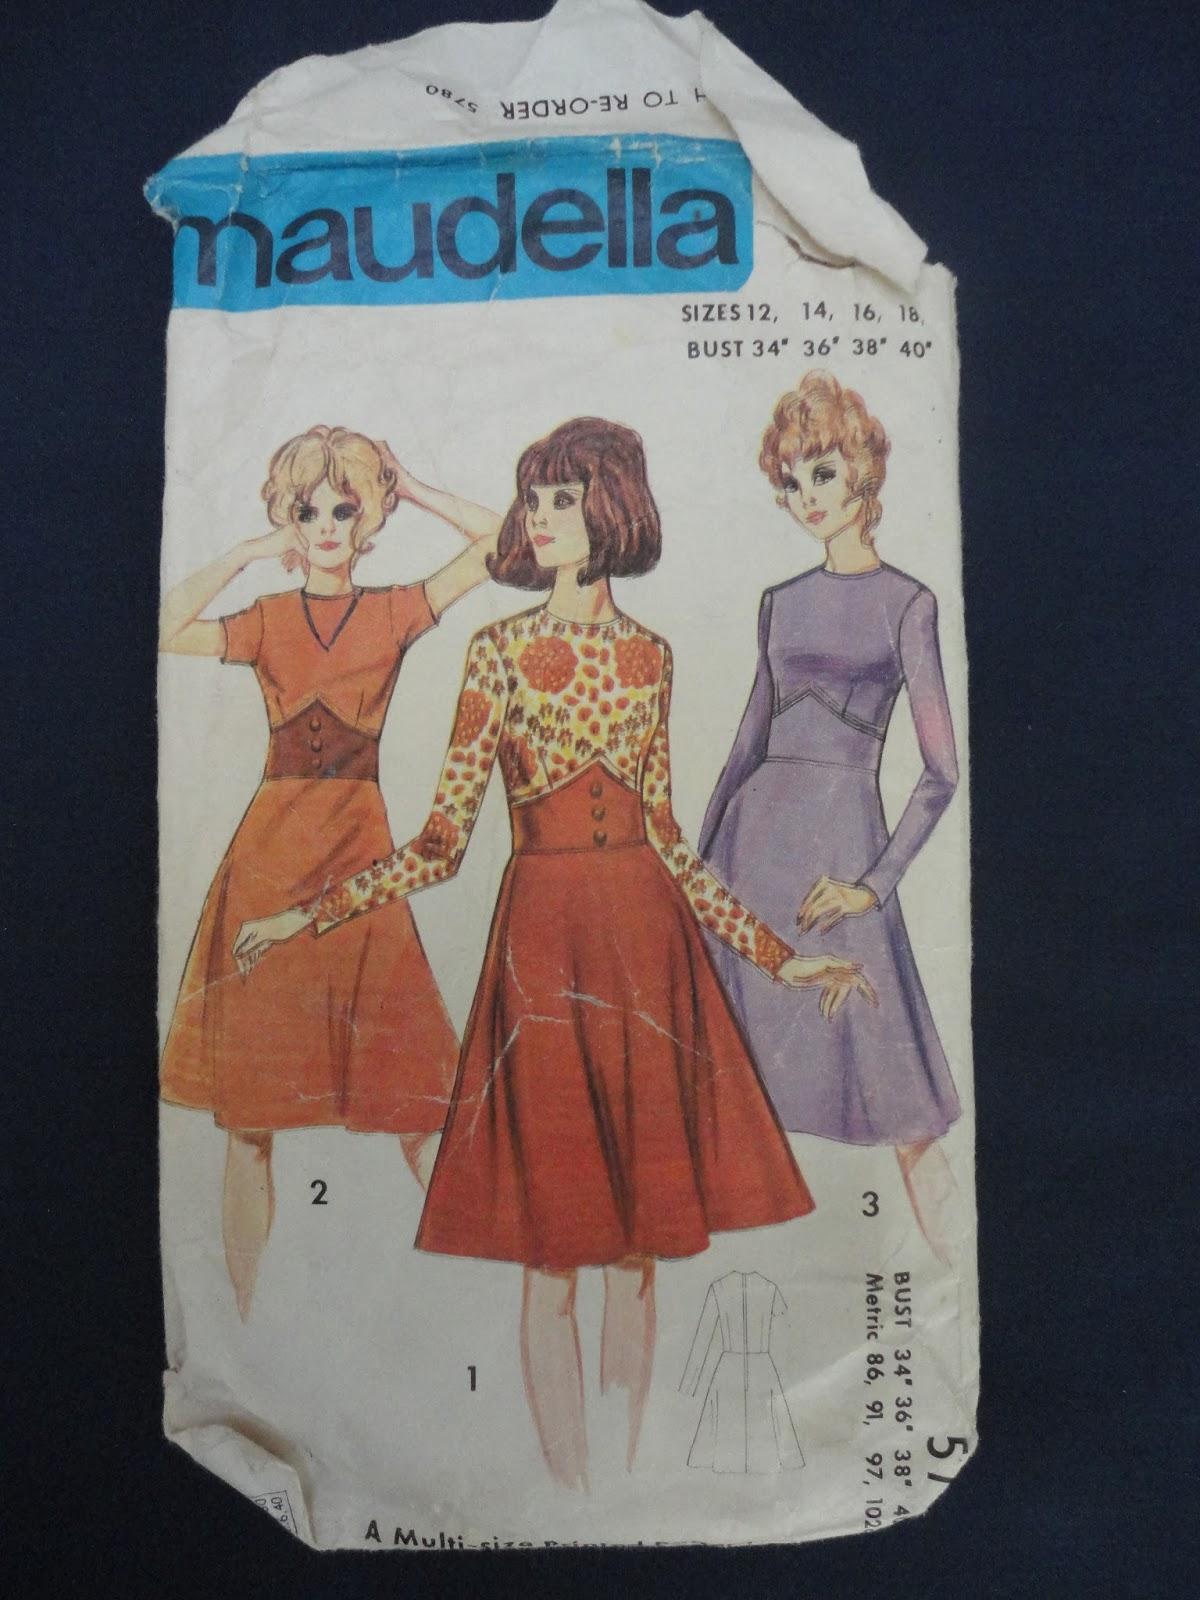 Maudella 5780